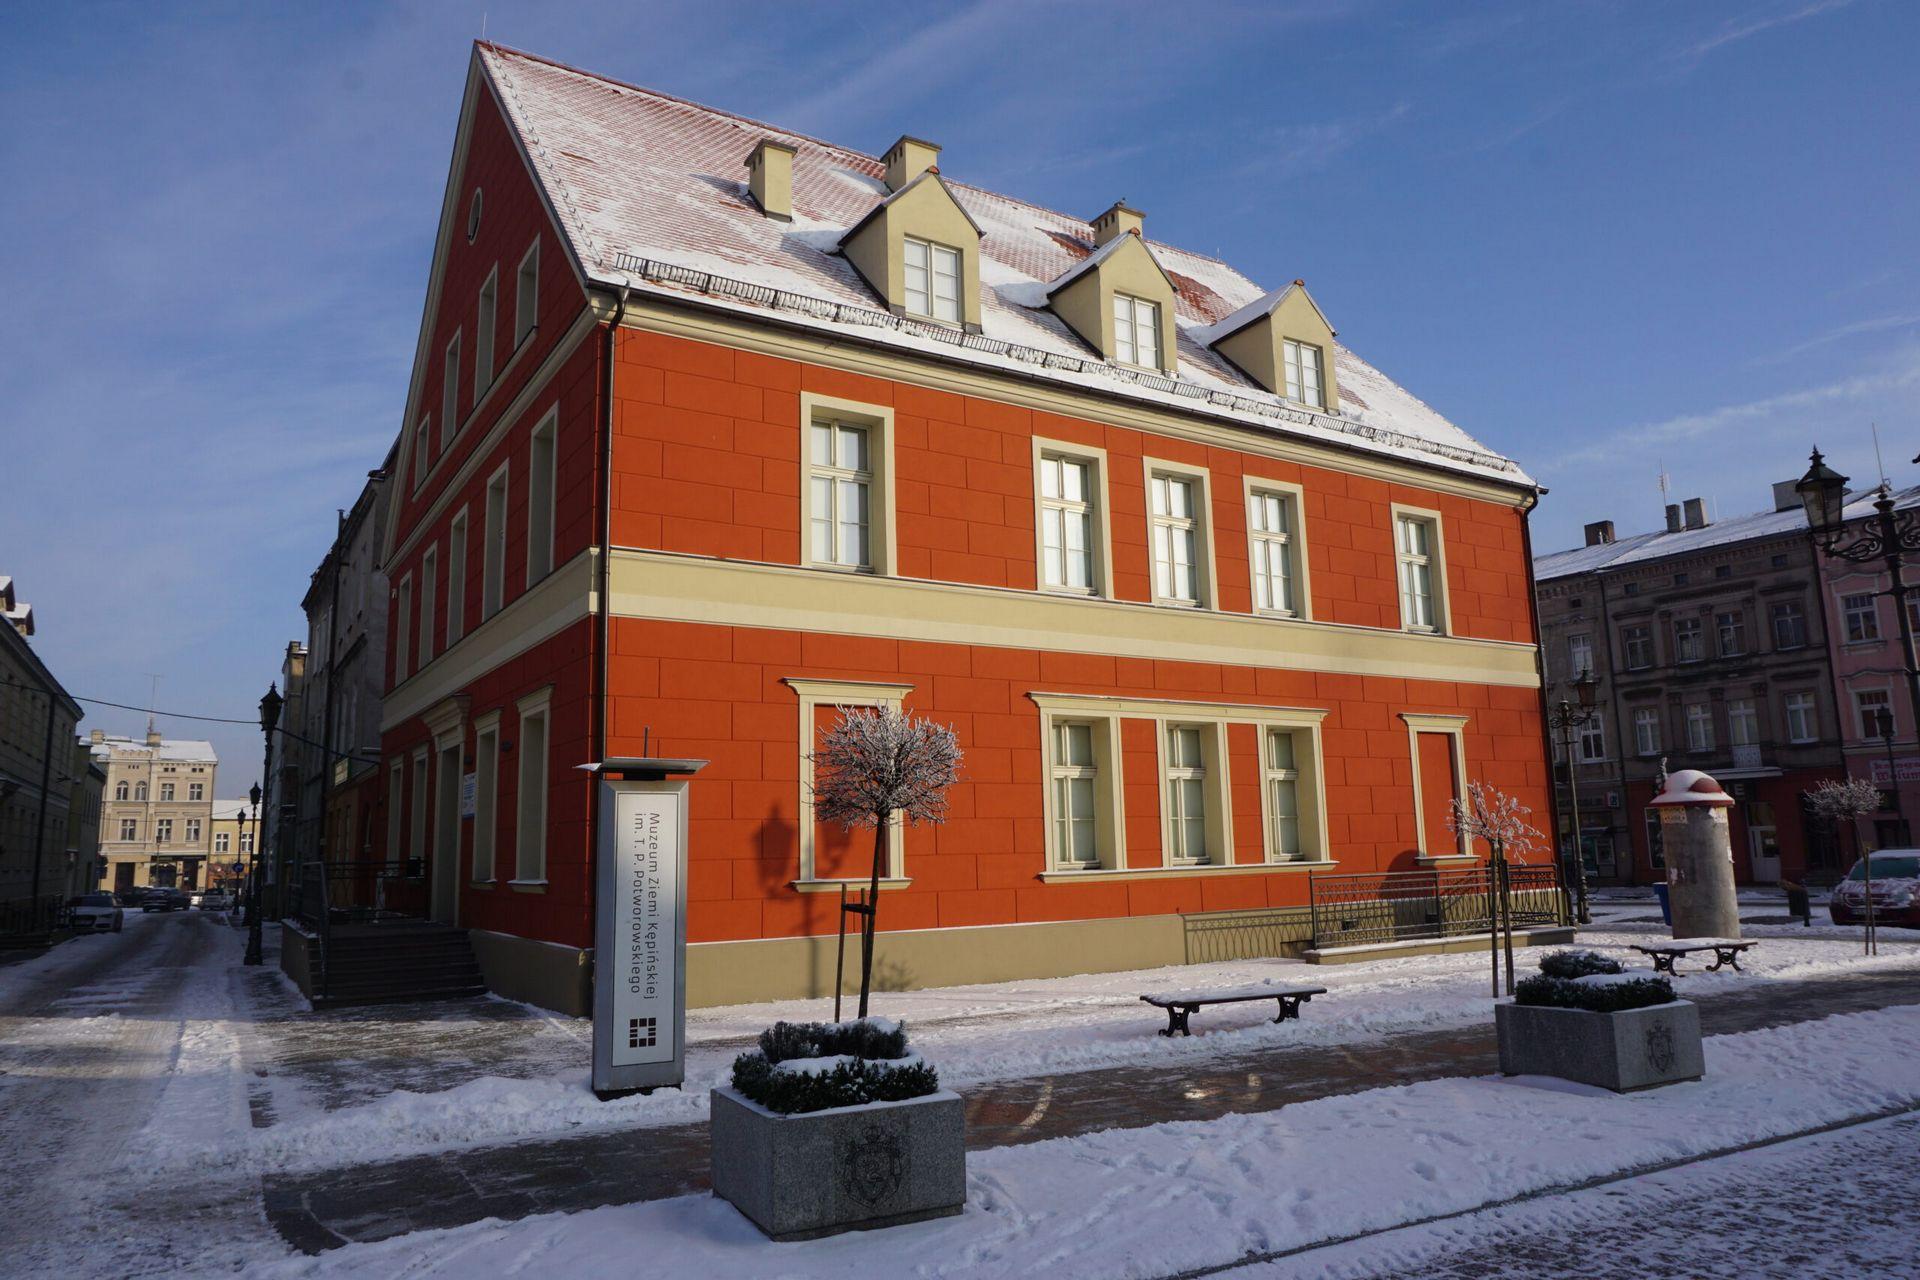 Budynek muzeum w scenerii zimowej